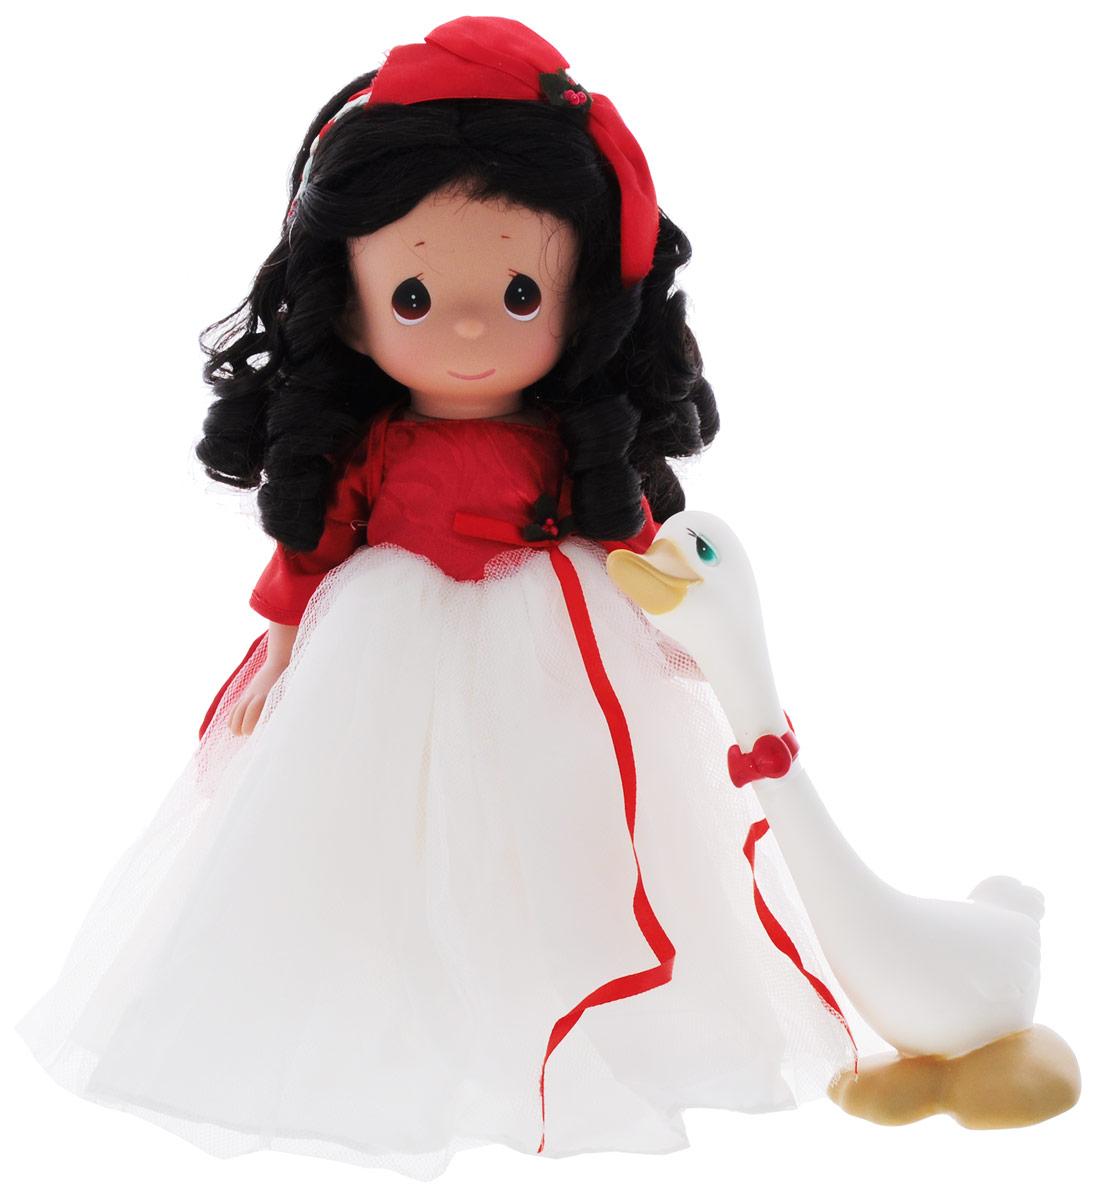 Precious Moments Кукла Сезон радости брюнетка4695Коллекция кукол Precious Moments ростом выше 30 см насчитывает на сегодняшний день более 600 видов. Куклы изготавливаются из качественного, безопасного материала и имеют пять базовых точек артикуляции. Каждый год в коллекцию добавляются все новые и новые модели. Каждая кукла имеет свой неповторимый образ и характер. Она может быть подарком на память о каком-либо событии в жизни. Куклы выполнены с любовью и нежностью, которую дарит нам известная волшебница - создатель кукол Линда Рик! Кукла Сезон радости очарует вас и вашу дочурку с первого взгляда! Кукла одета в пышное платье с белым подолом. На ногах у куклы золотистые туфли. Одежда у куклы съемная. У девочки темные вьющиеся волосы и большие карие глаза. Рядом с куклой находится гусь с красным бантиком на шее. Игра с куклой разовьет в вашей малышке чувство ответственности и заботы. Порадуйте свою принцессу таким великолепным подарком!